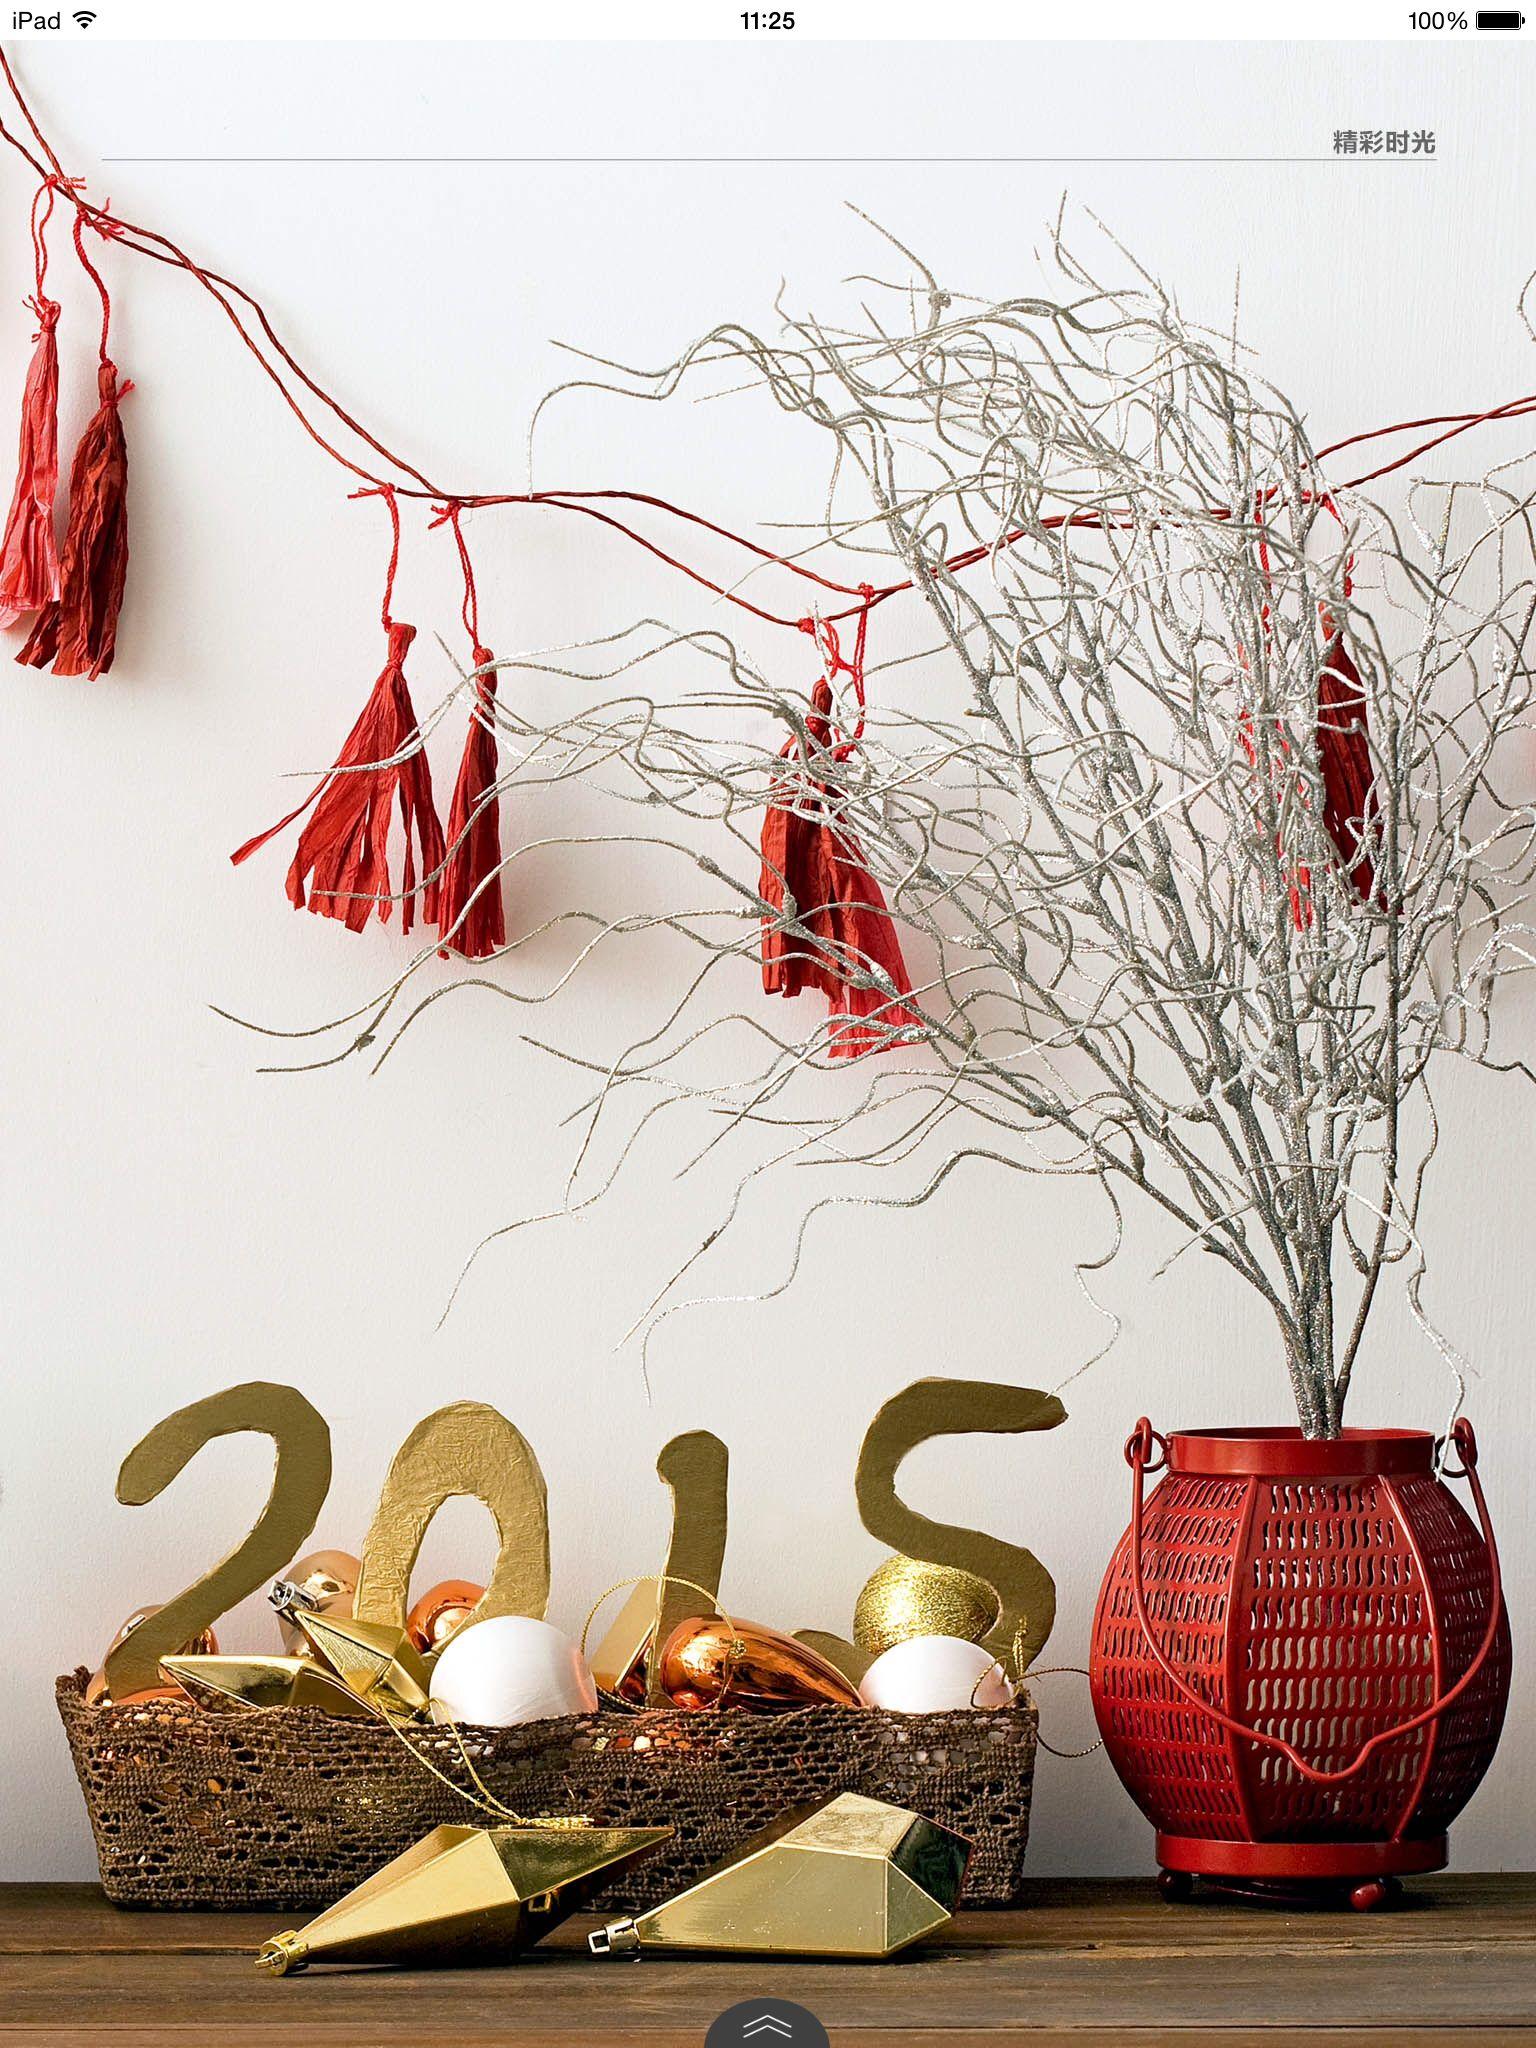 Chinese new year decor Trang trí, Tết trung quốc, Tái chế